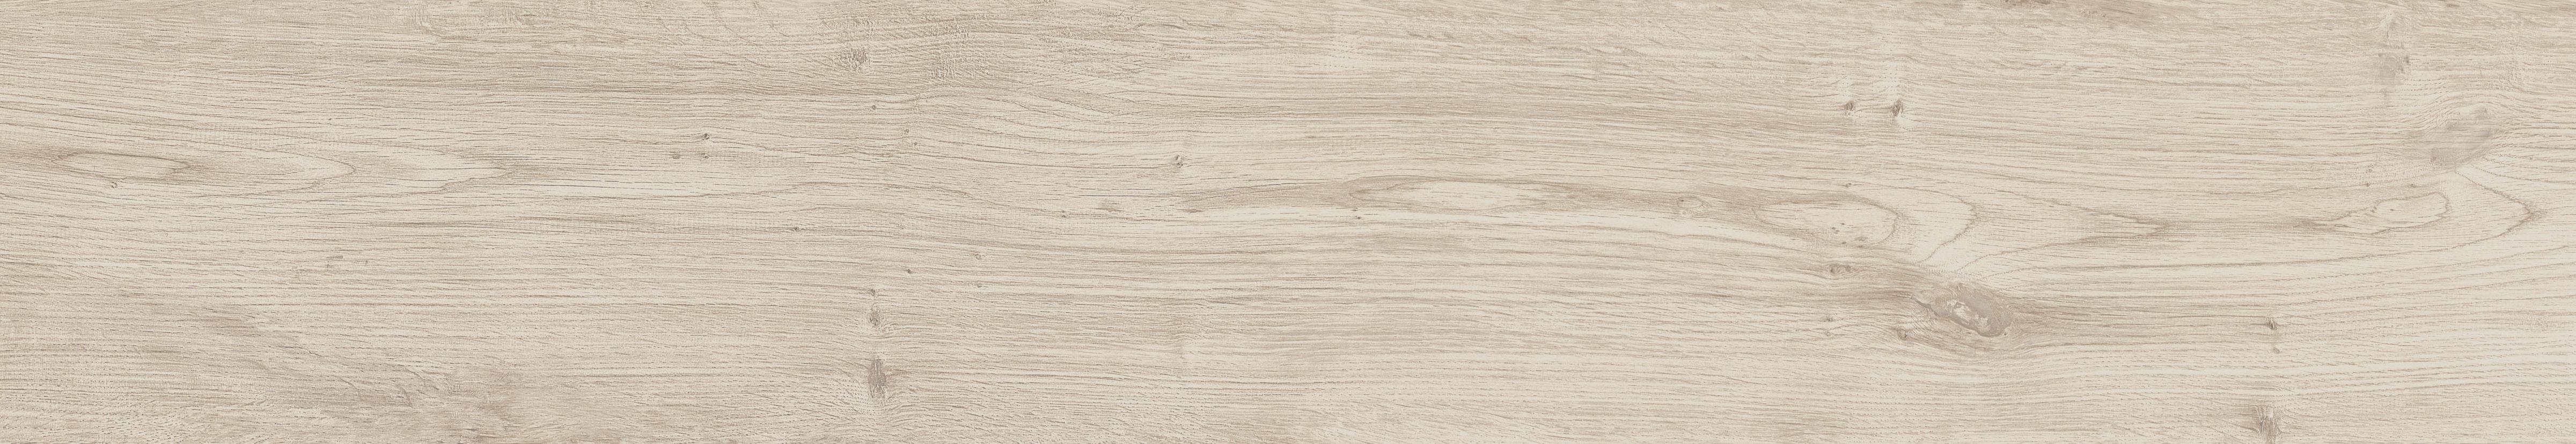 Плитка Allwood Bianco (zzxwu1r) изображение 17